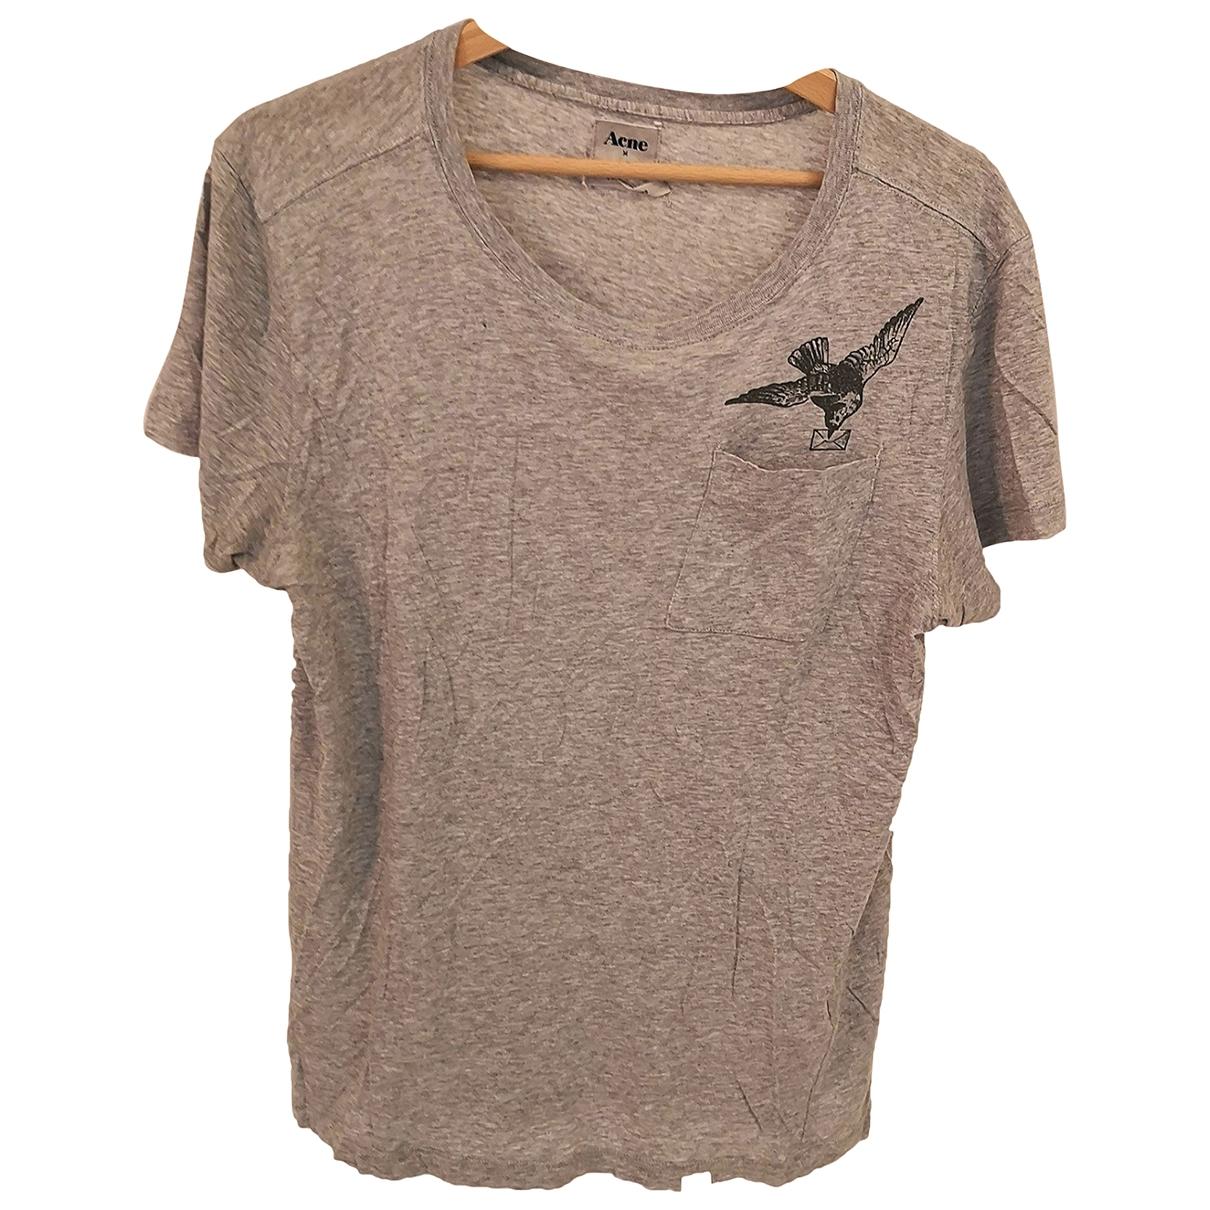 Acne Studios - Tee shirts   pour homme en coton - gris